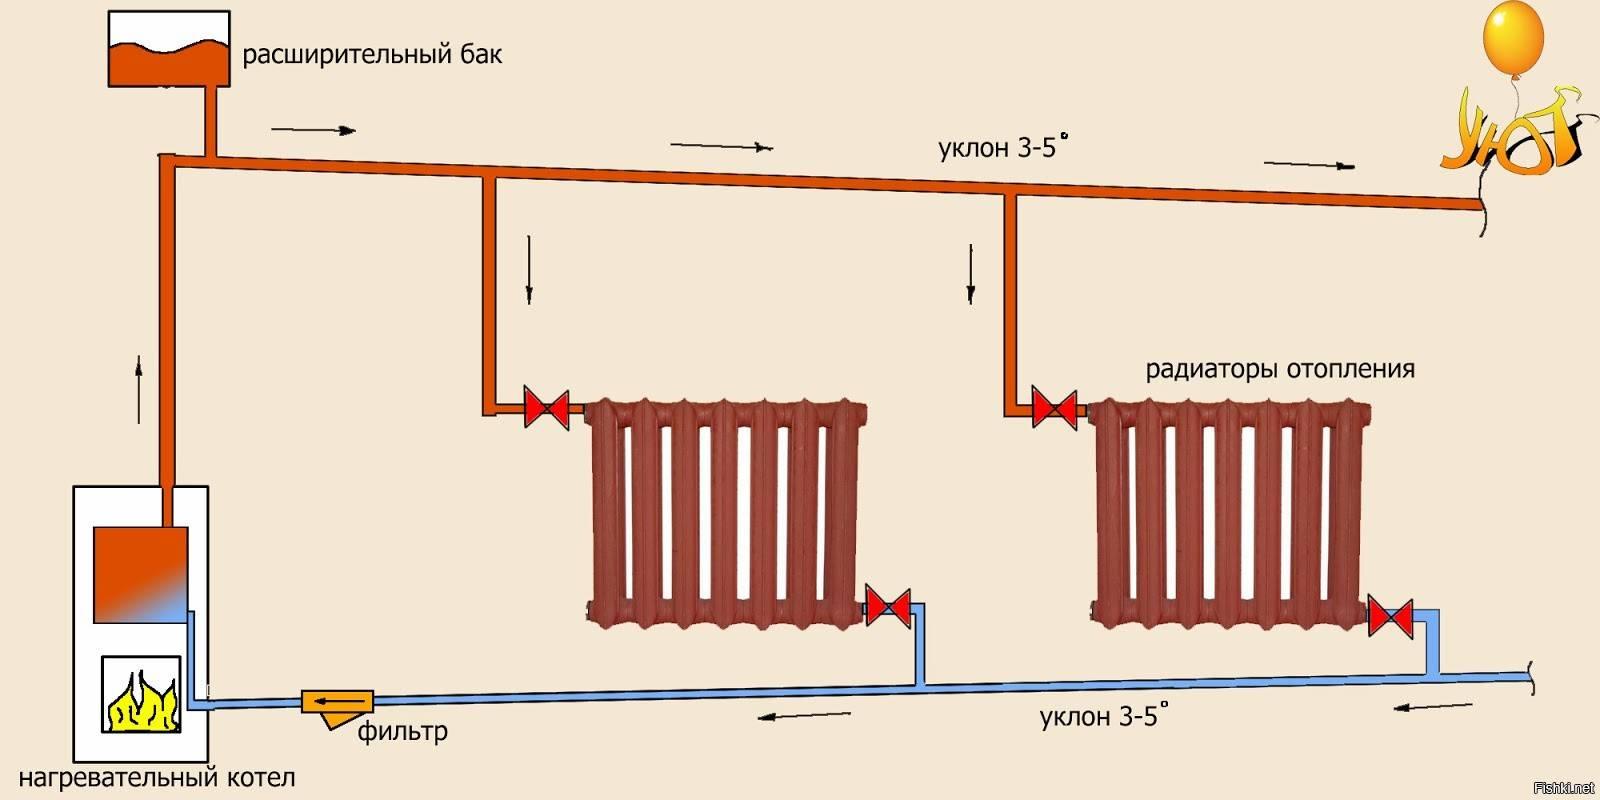 Системы отопления для частного дома и какую лучше выбрать